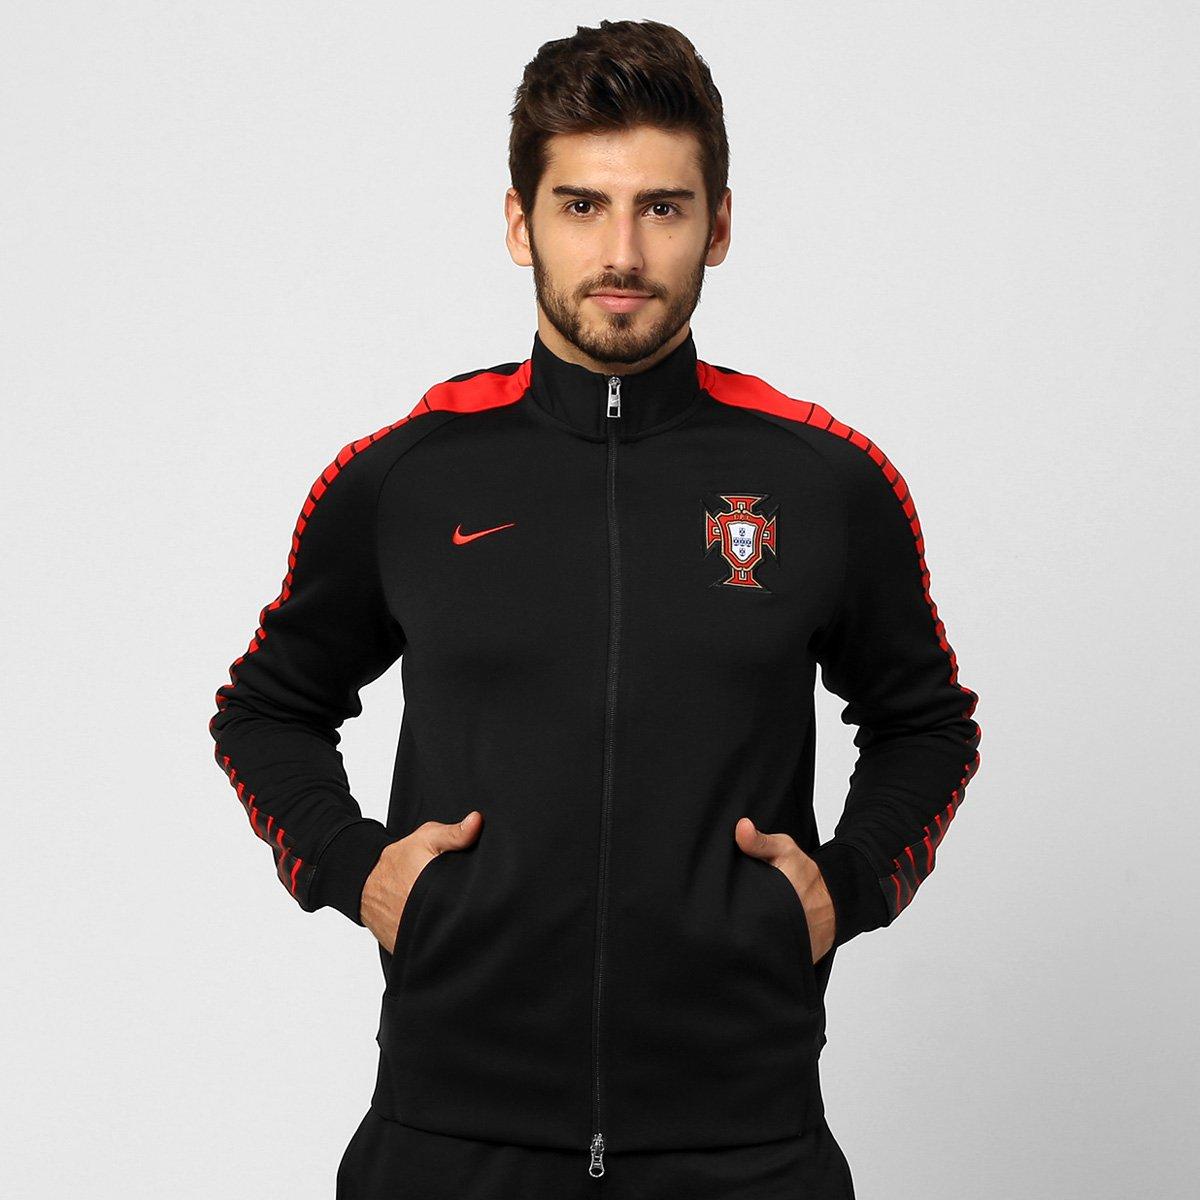 6e81c070fd733 Jaqueta Nike Seleção Portugal Authentic - Compre Agora